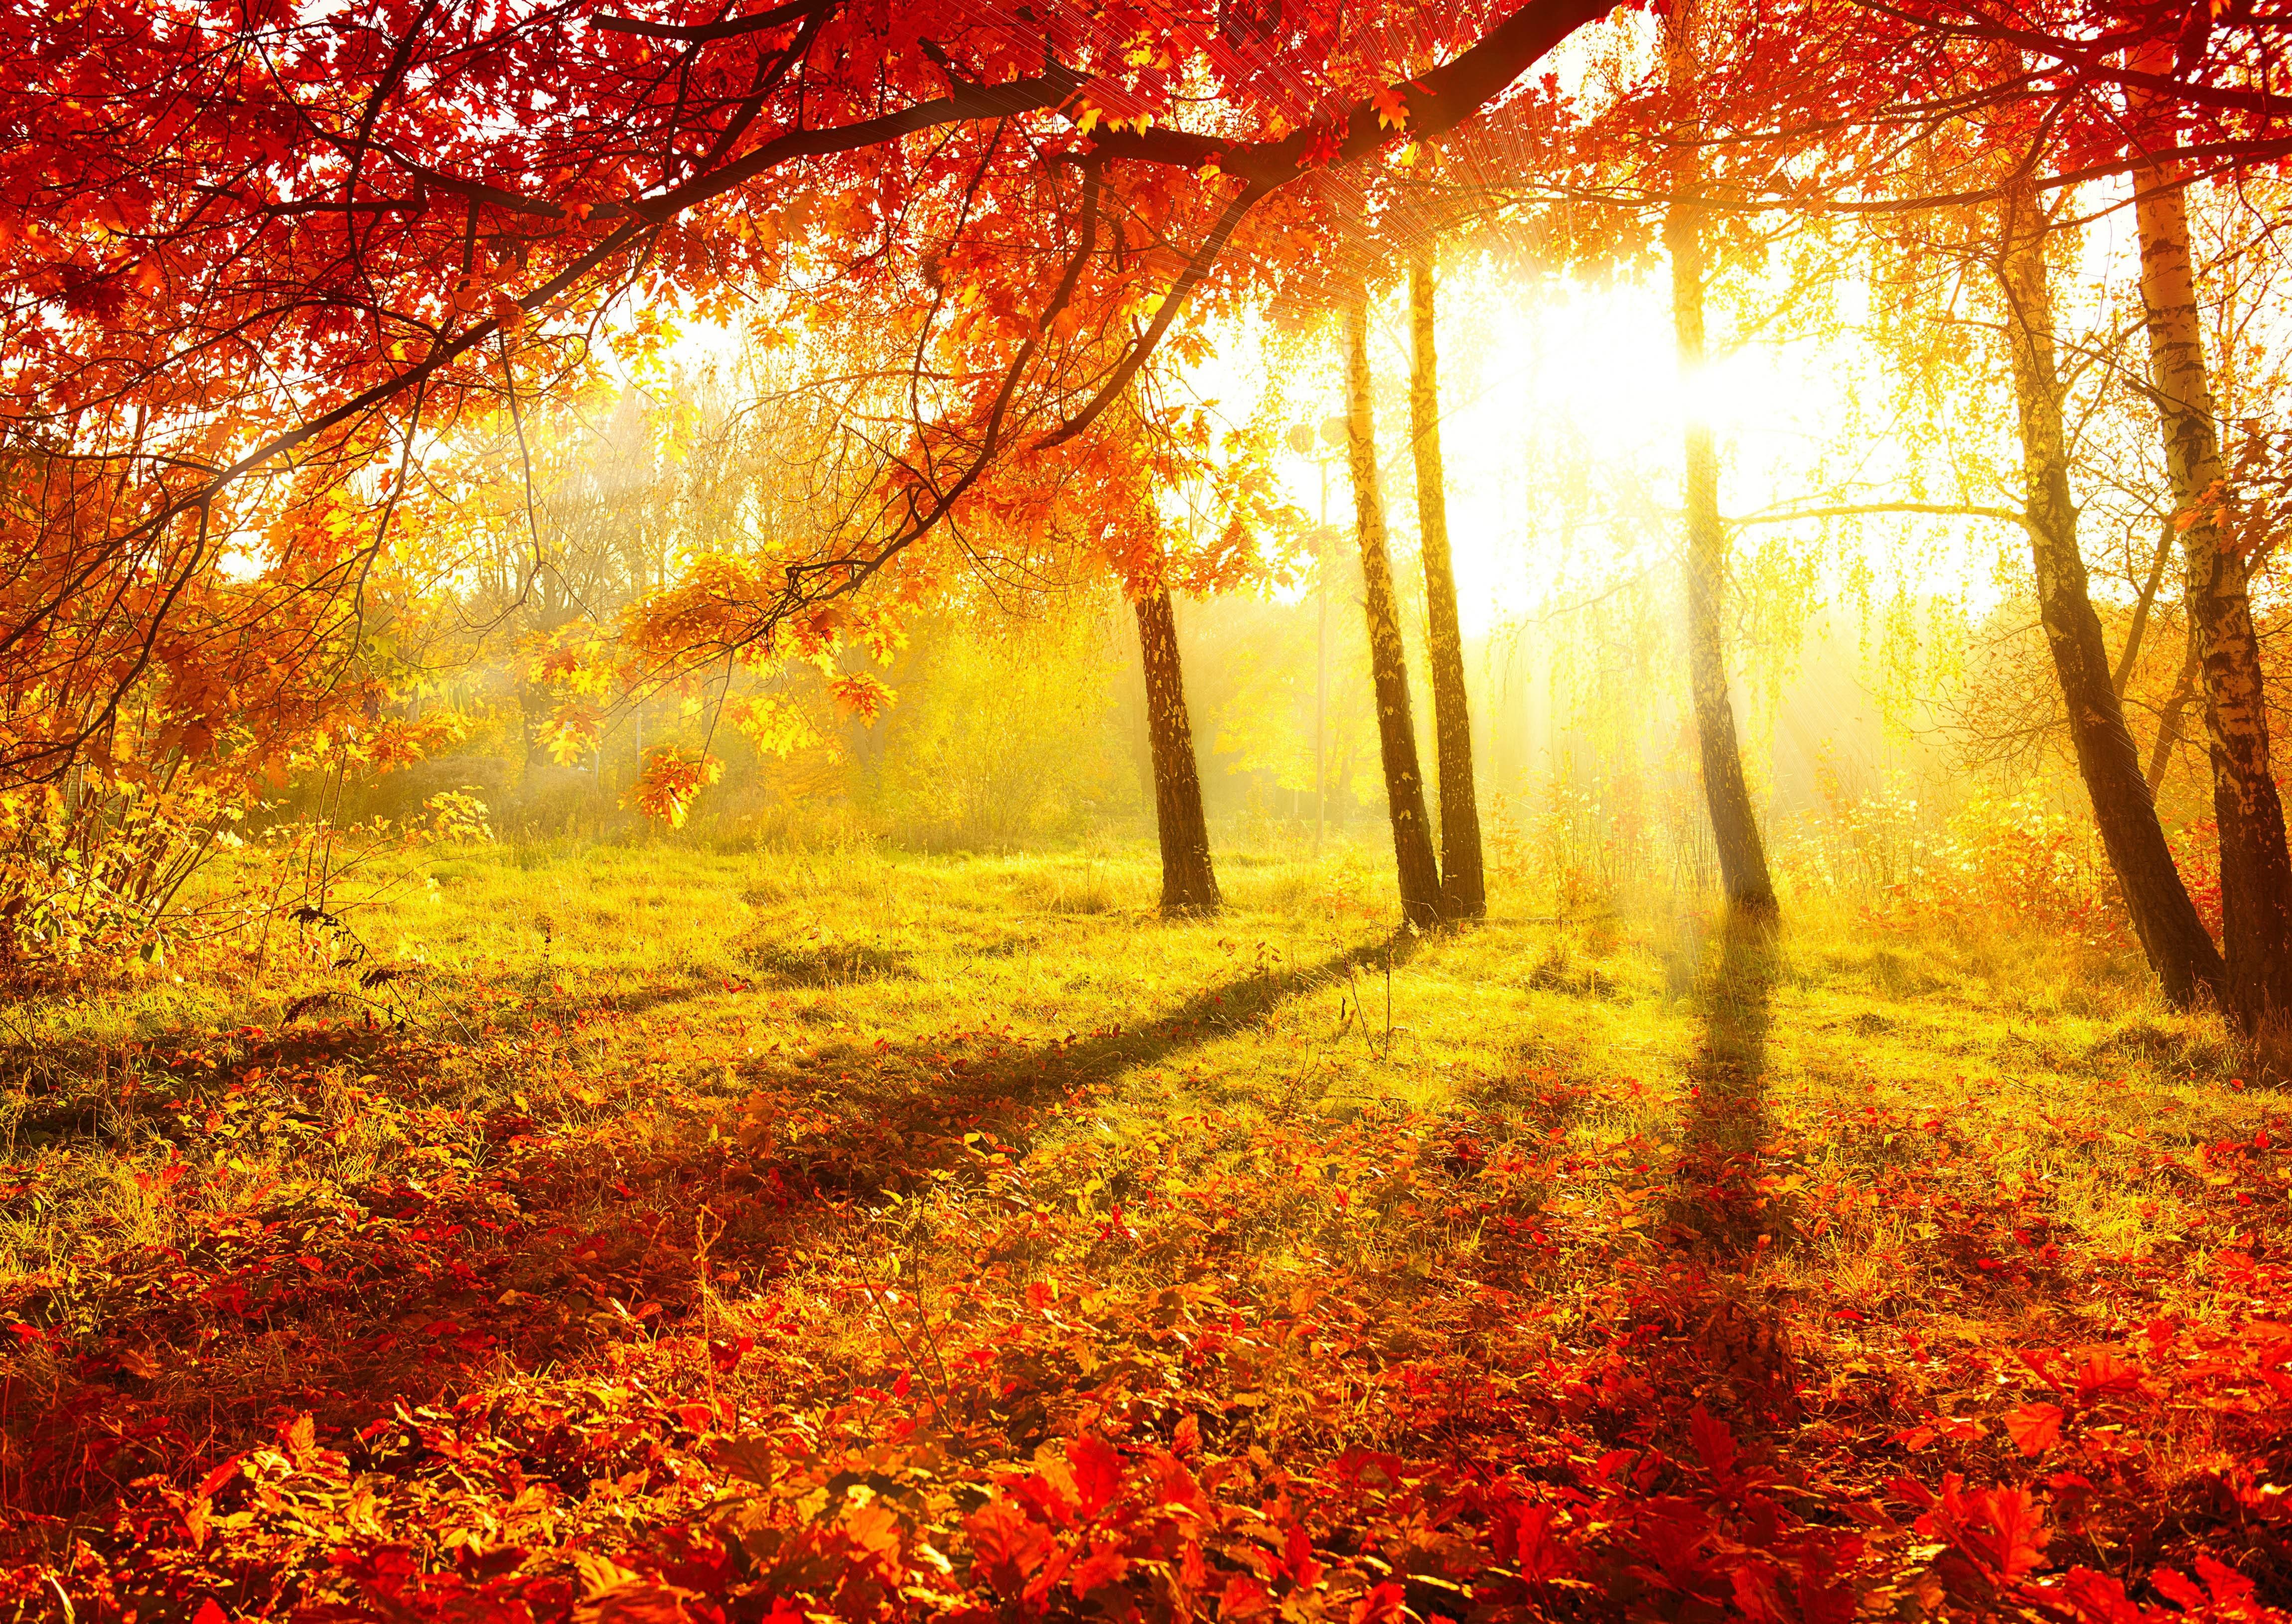 Парк осень солнце без смс